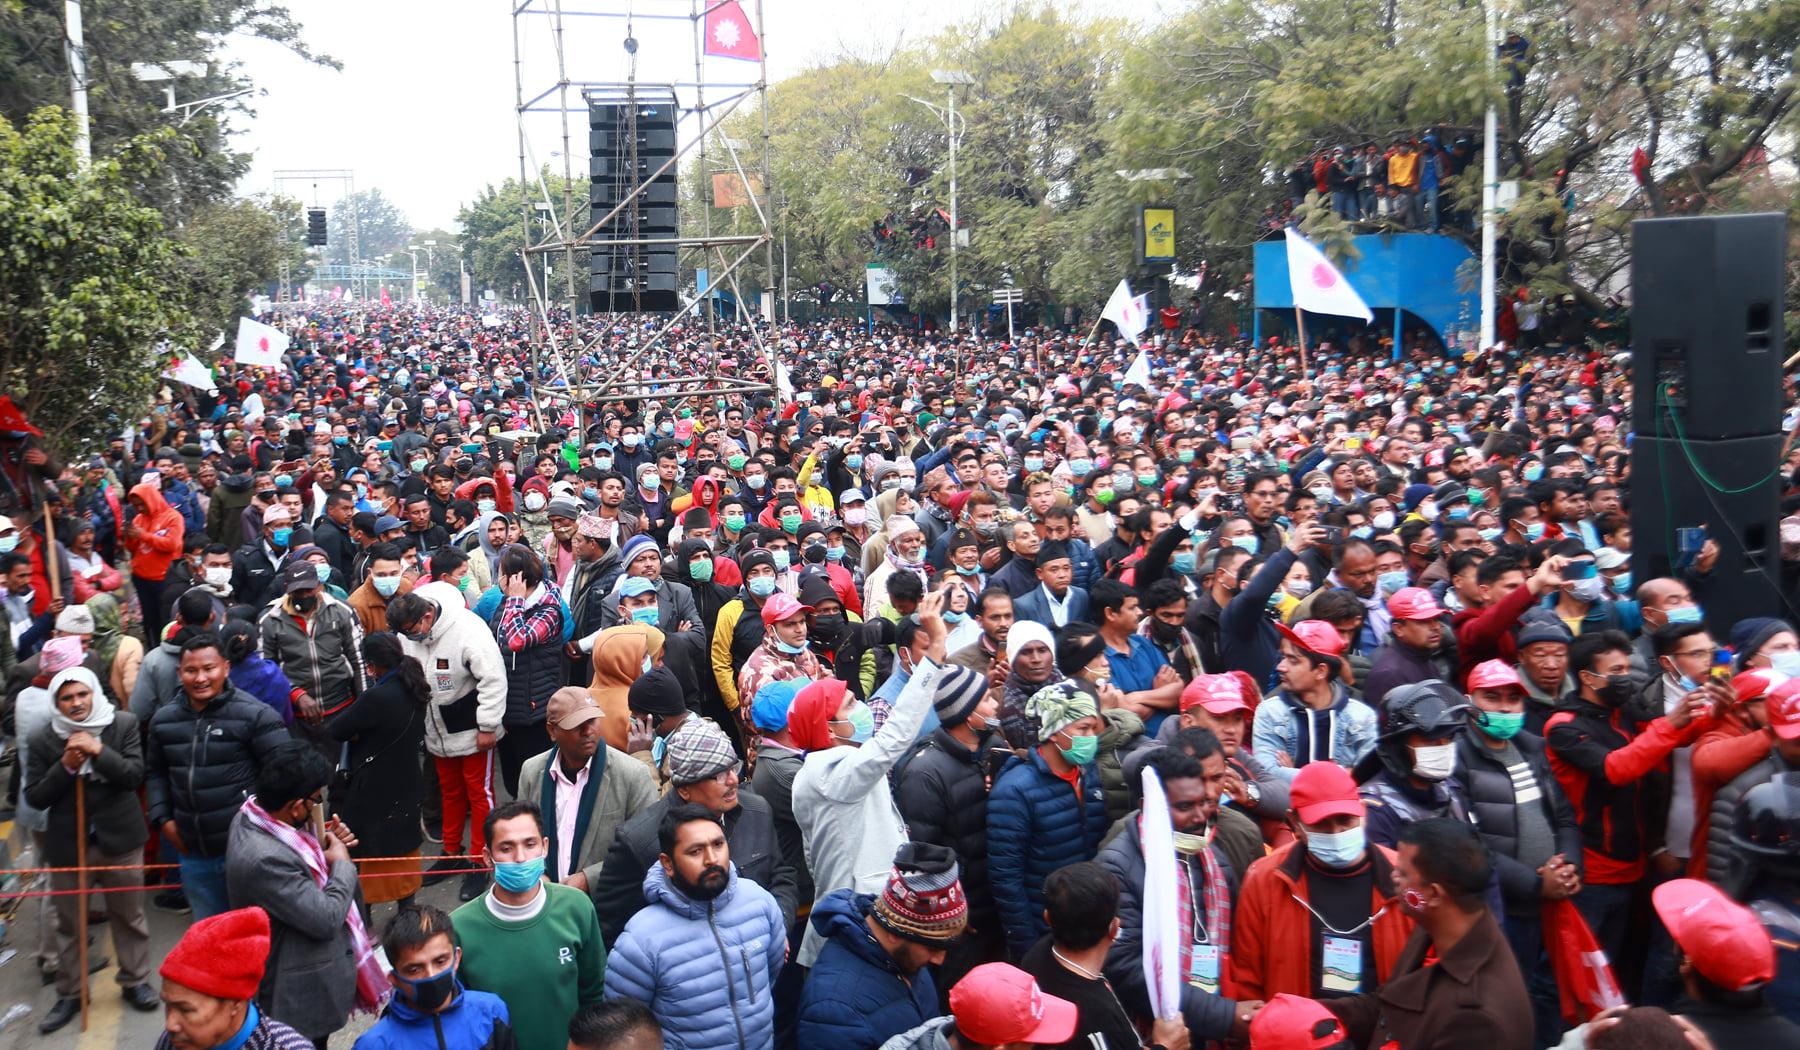 प्रचण्ड-नेपाल समूहले आज देशभर खुसीयाली सभा गर्ने